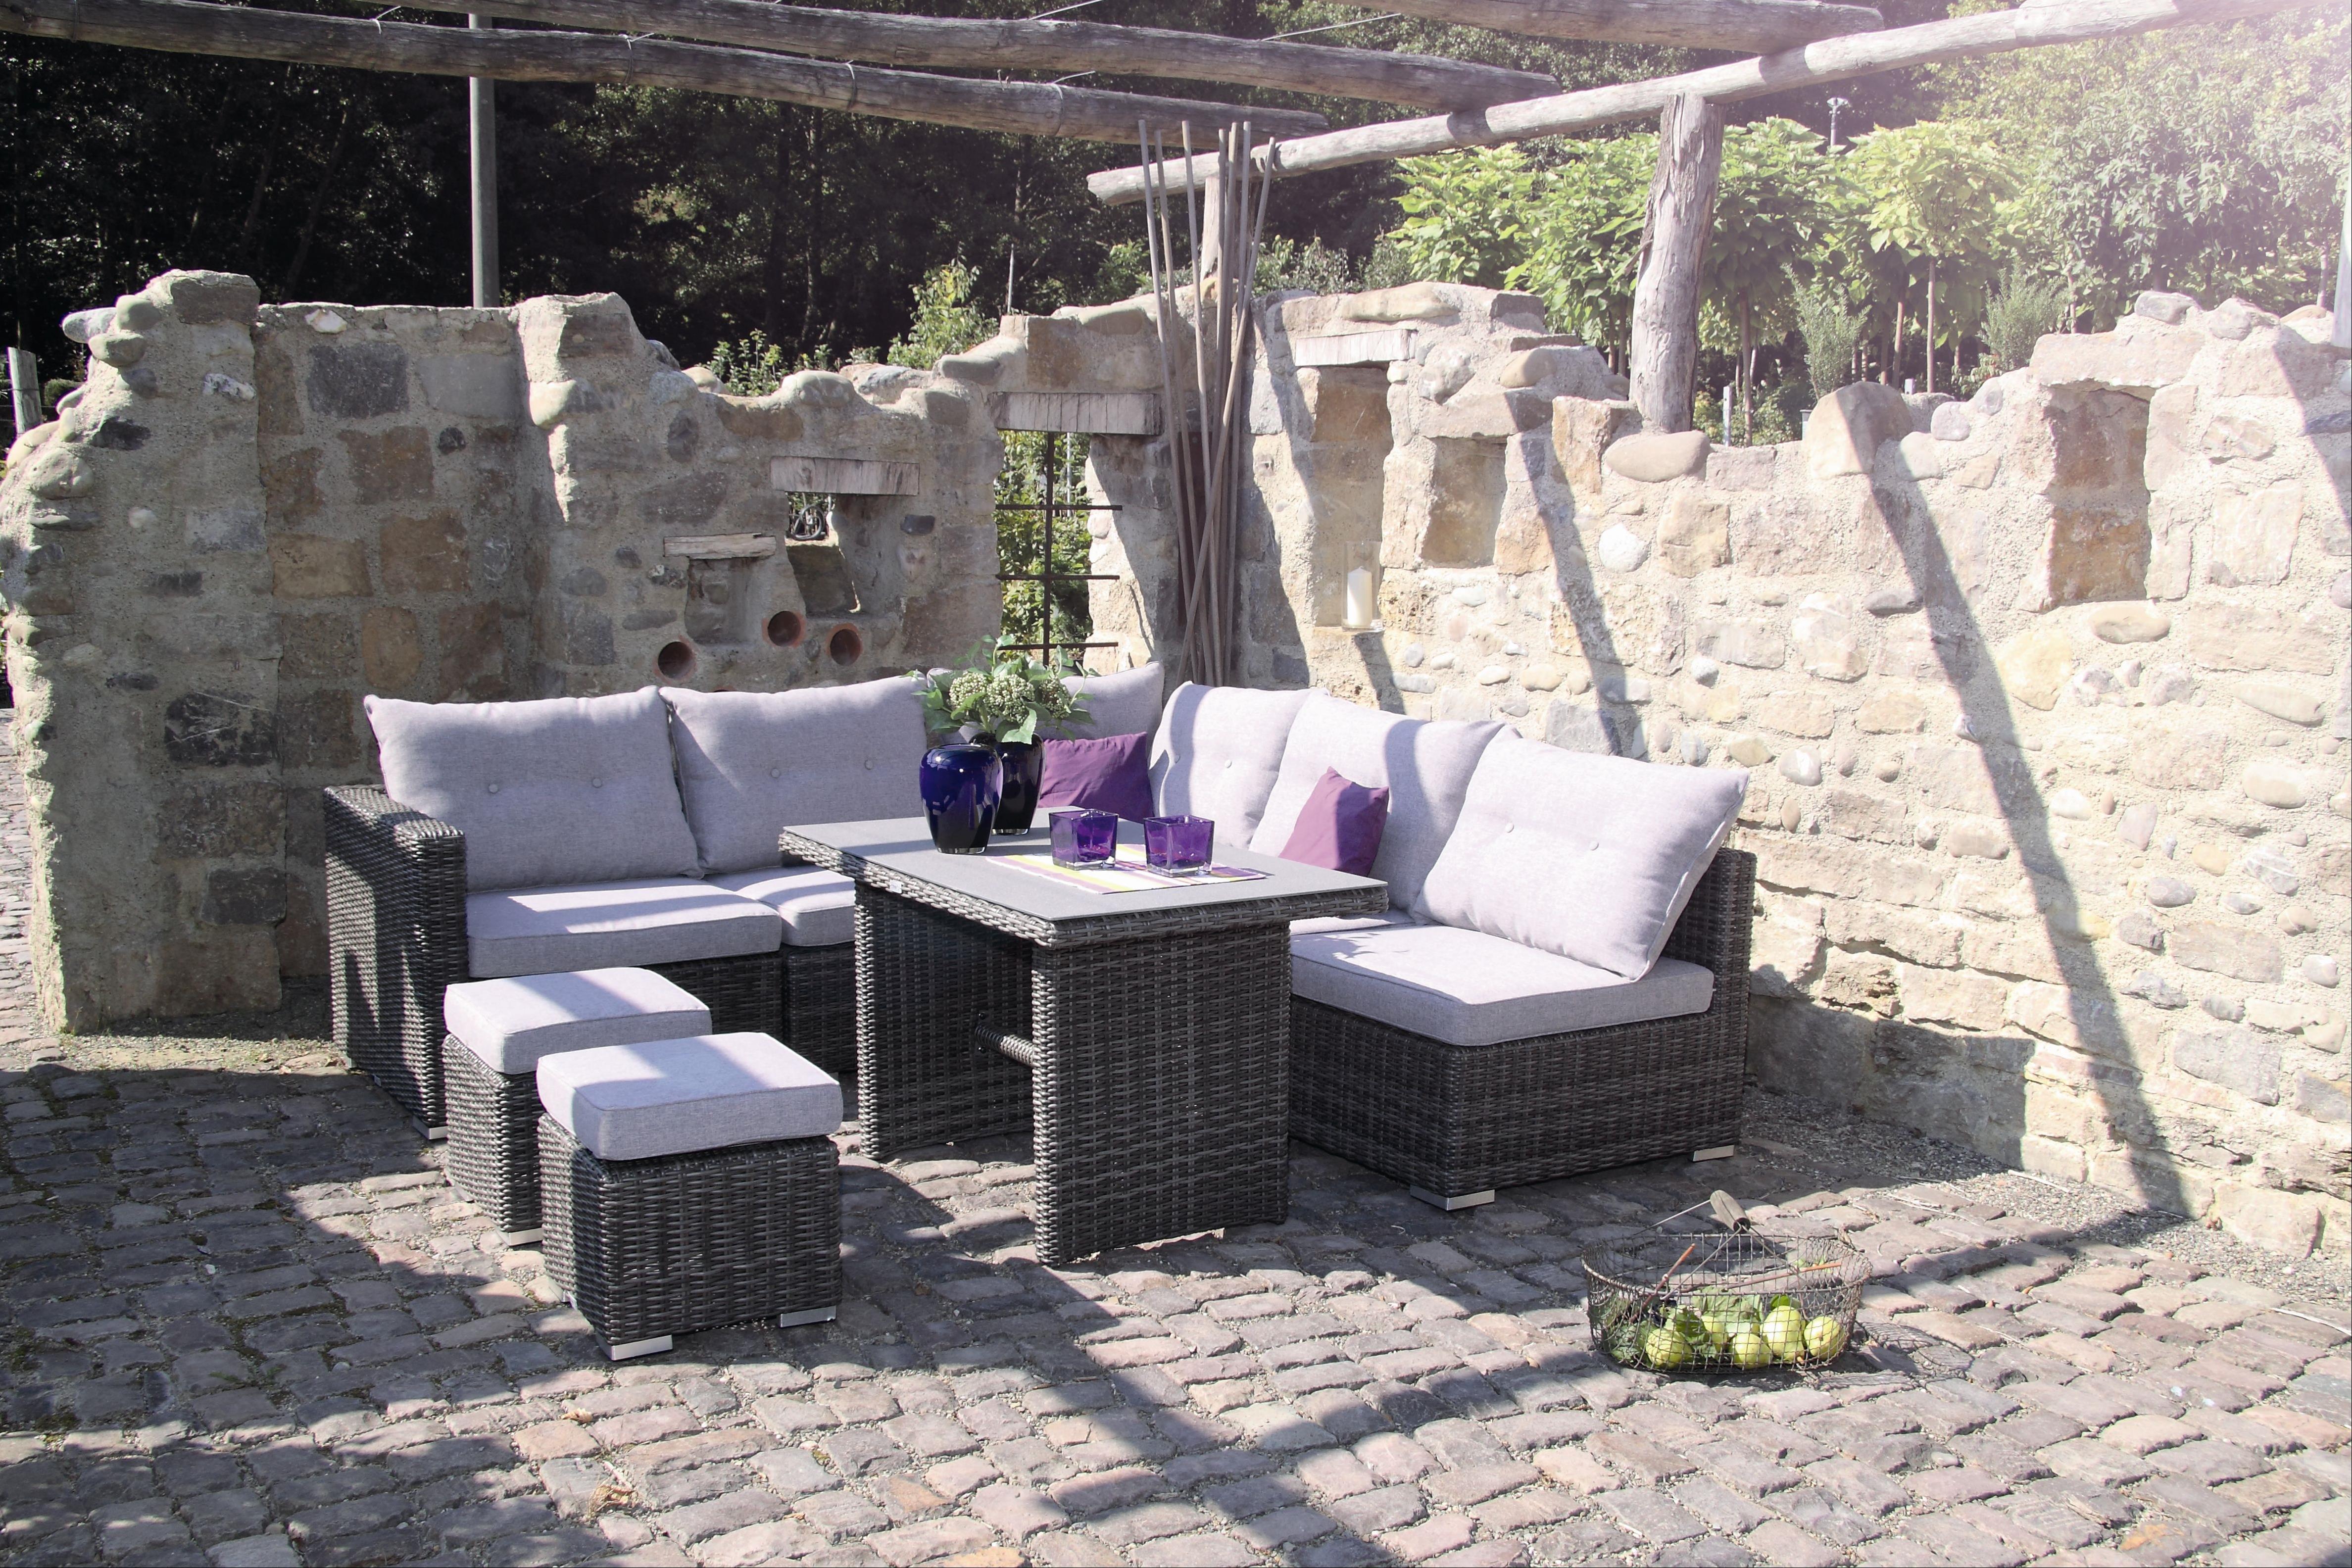 Gartenmöbel / Loungemöbel Set acamp Sicilia 8teilig Polyrattan grau Bild 3